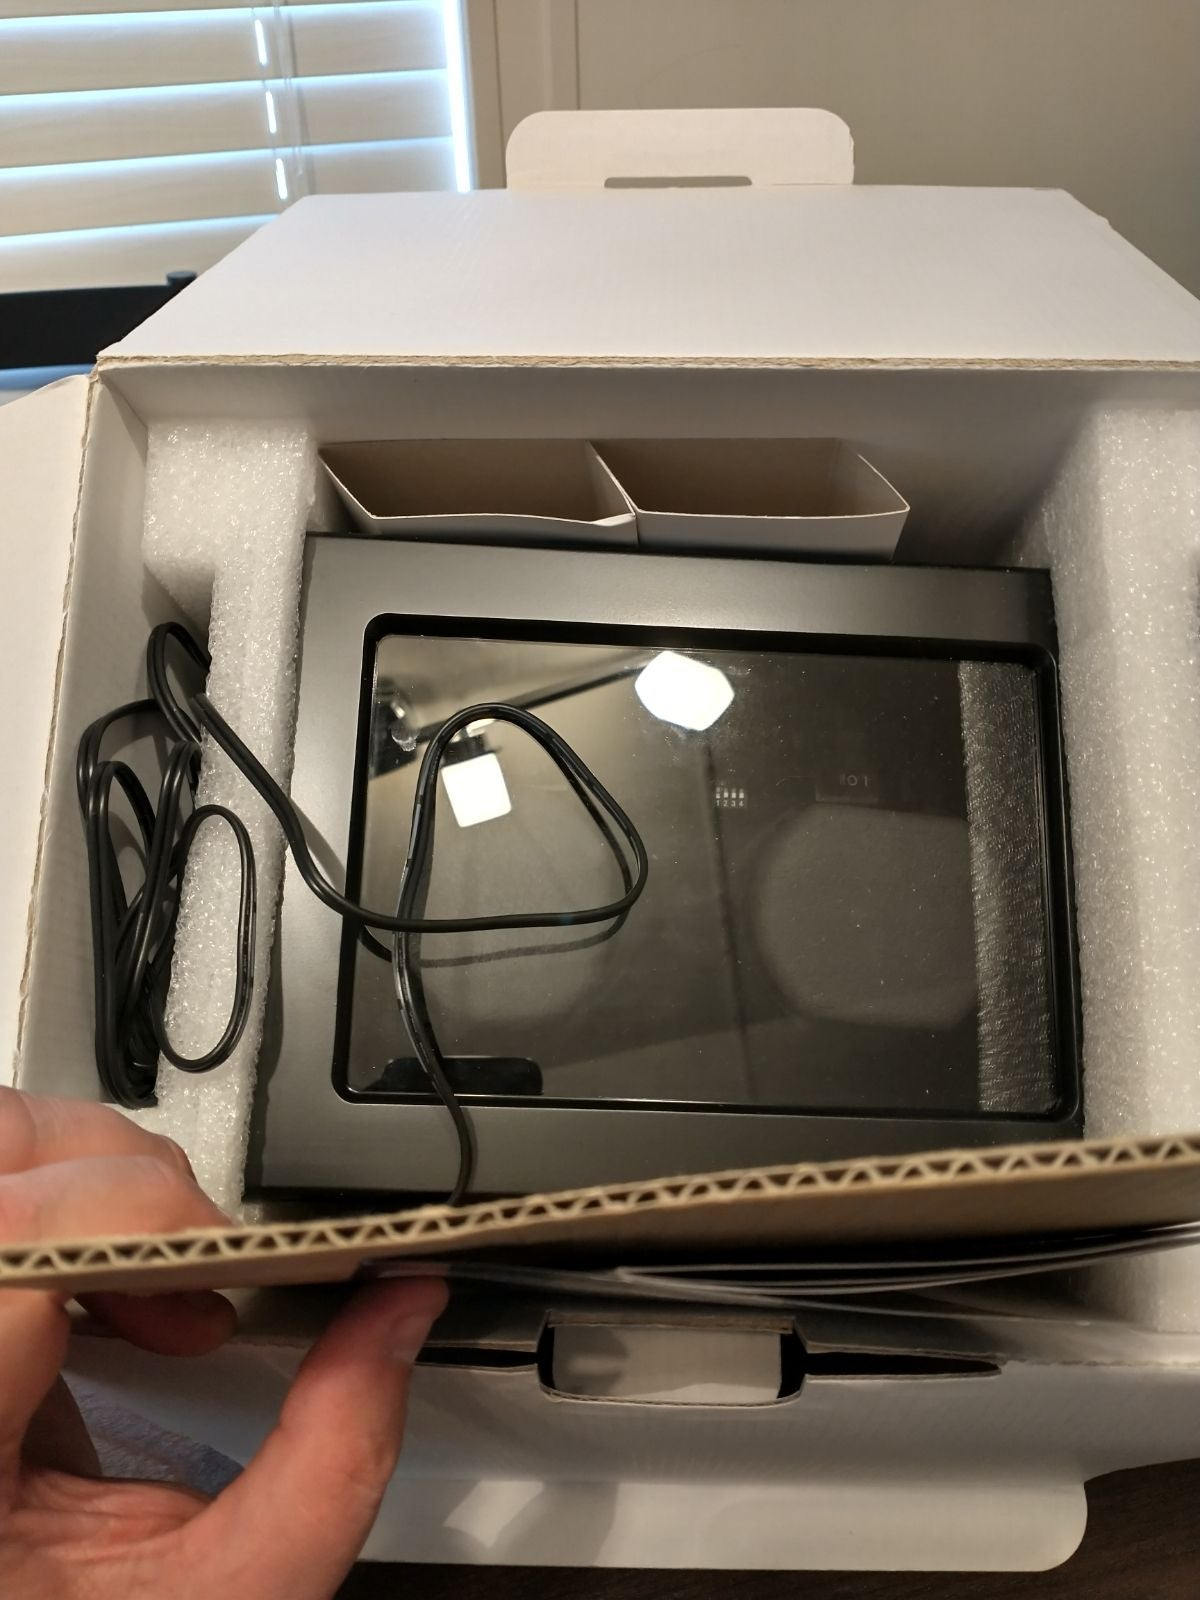 Brookstone Watch Winder (New) open box